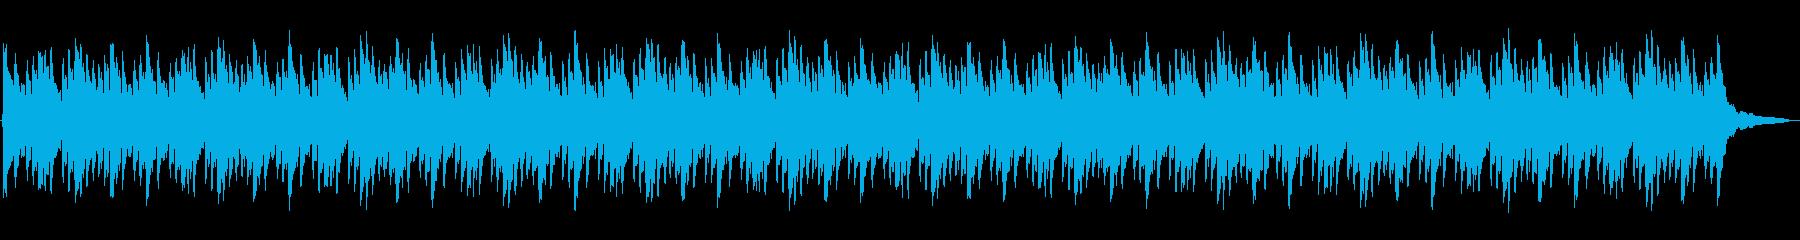 シンプルで美しく静かで幻想的なピアノ曲の再生済みの波形